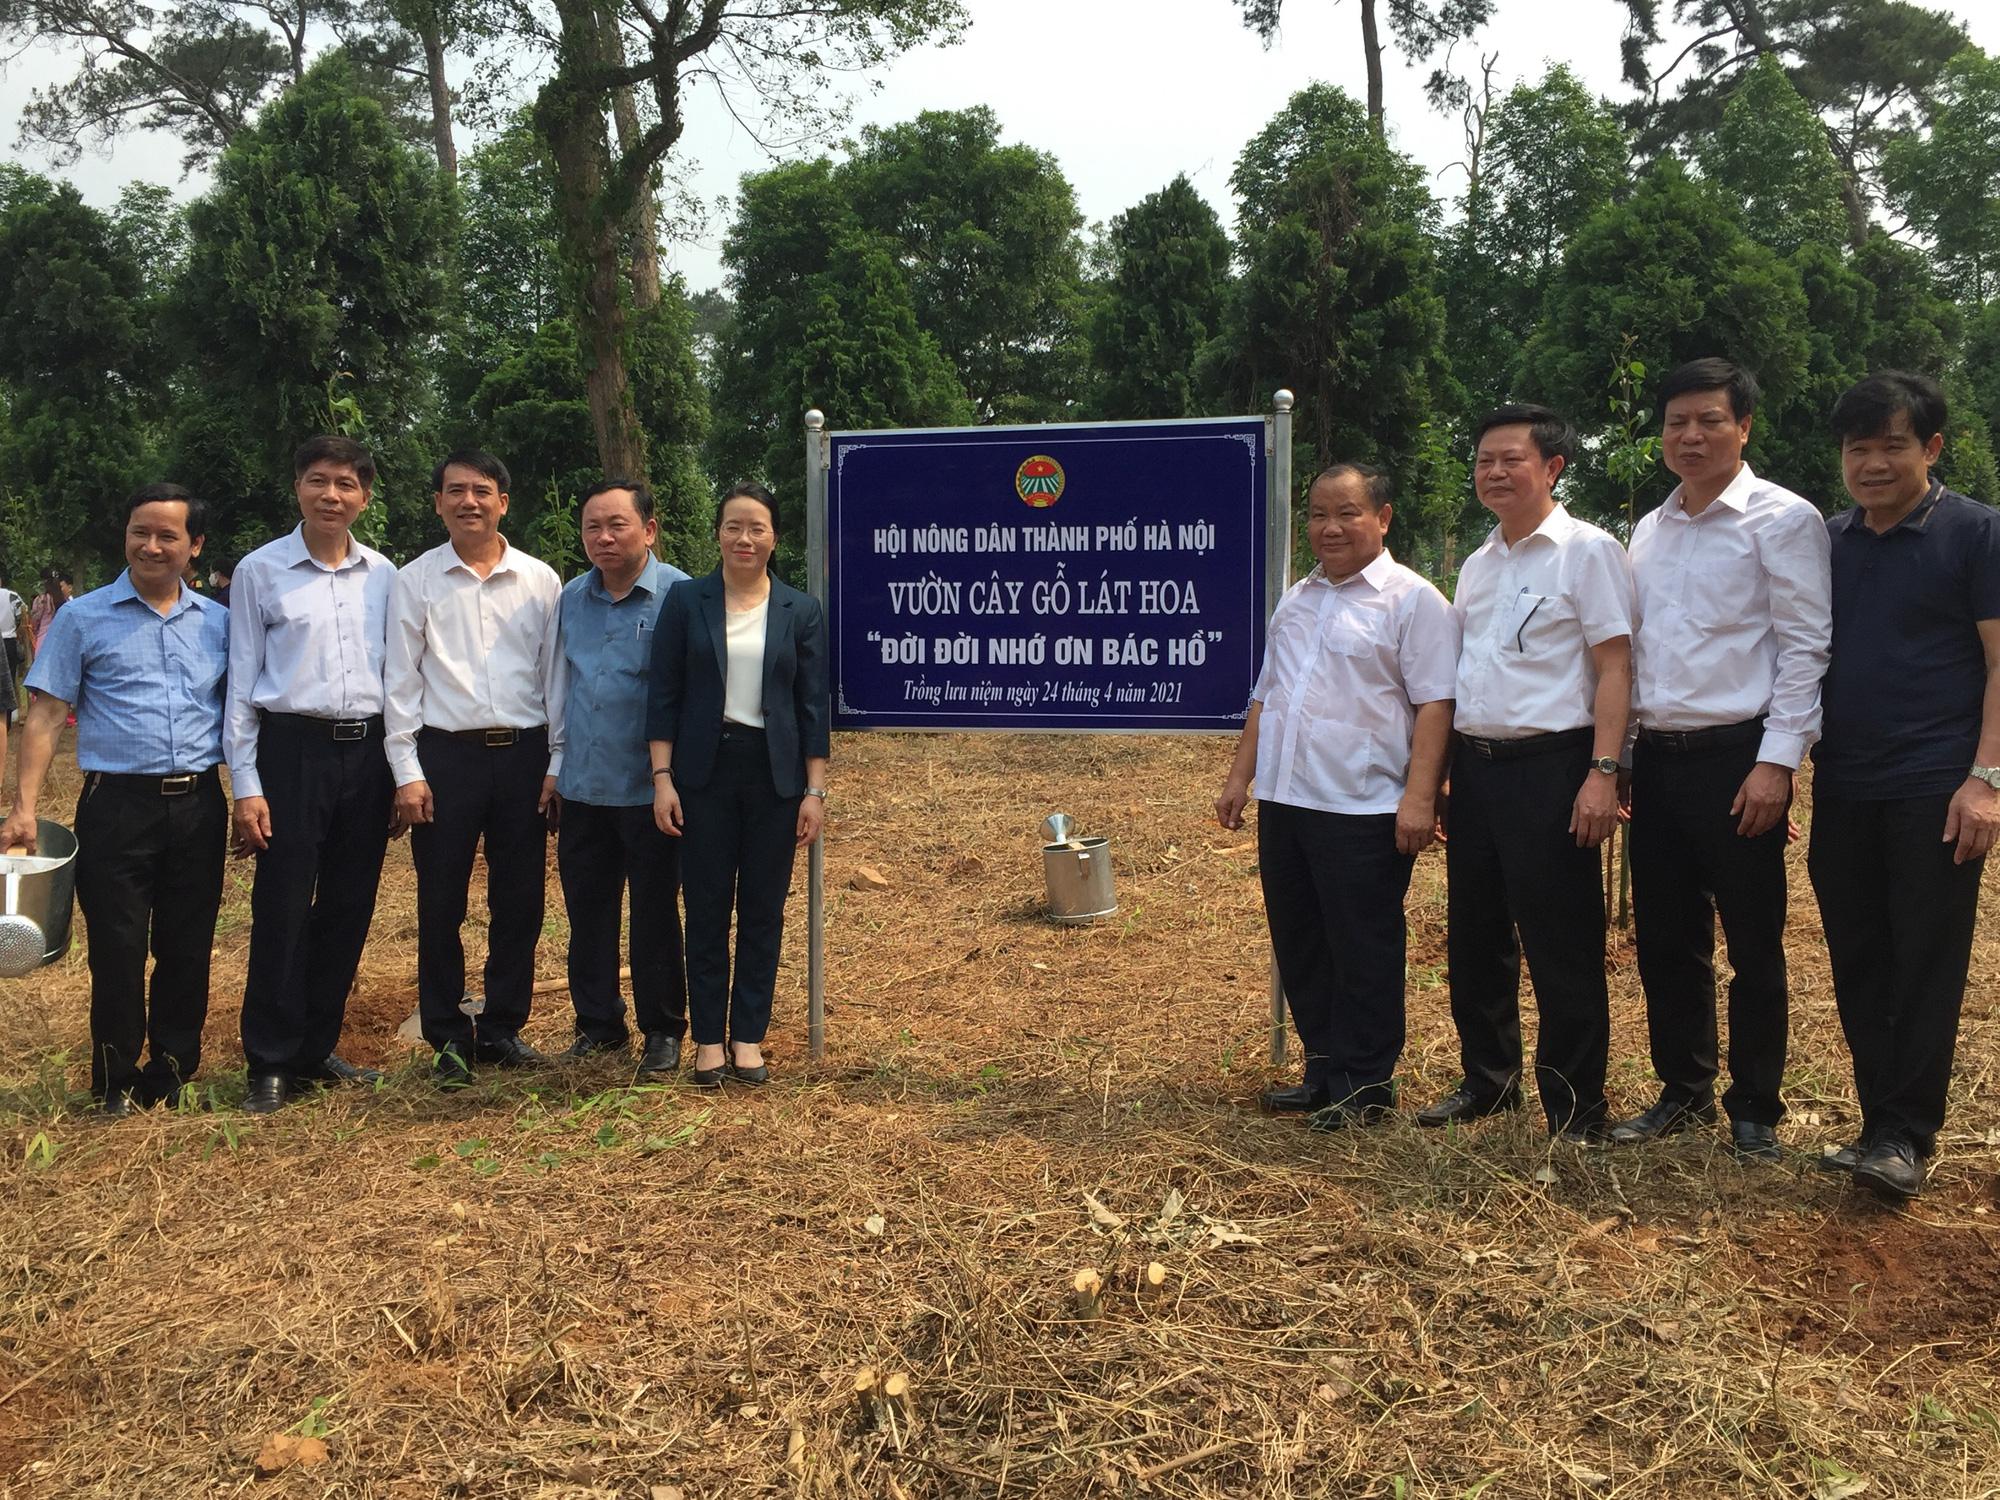 Hơn 1,5 triệu nông dân thi đua sản xuất kinh doanh giỏi, Hà Nội báo công dâng Bác - Ảnh 5.